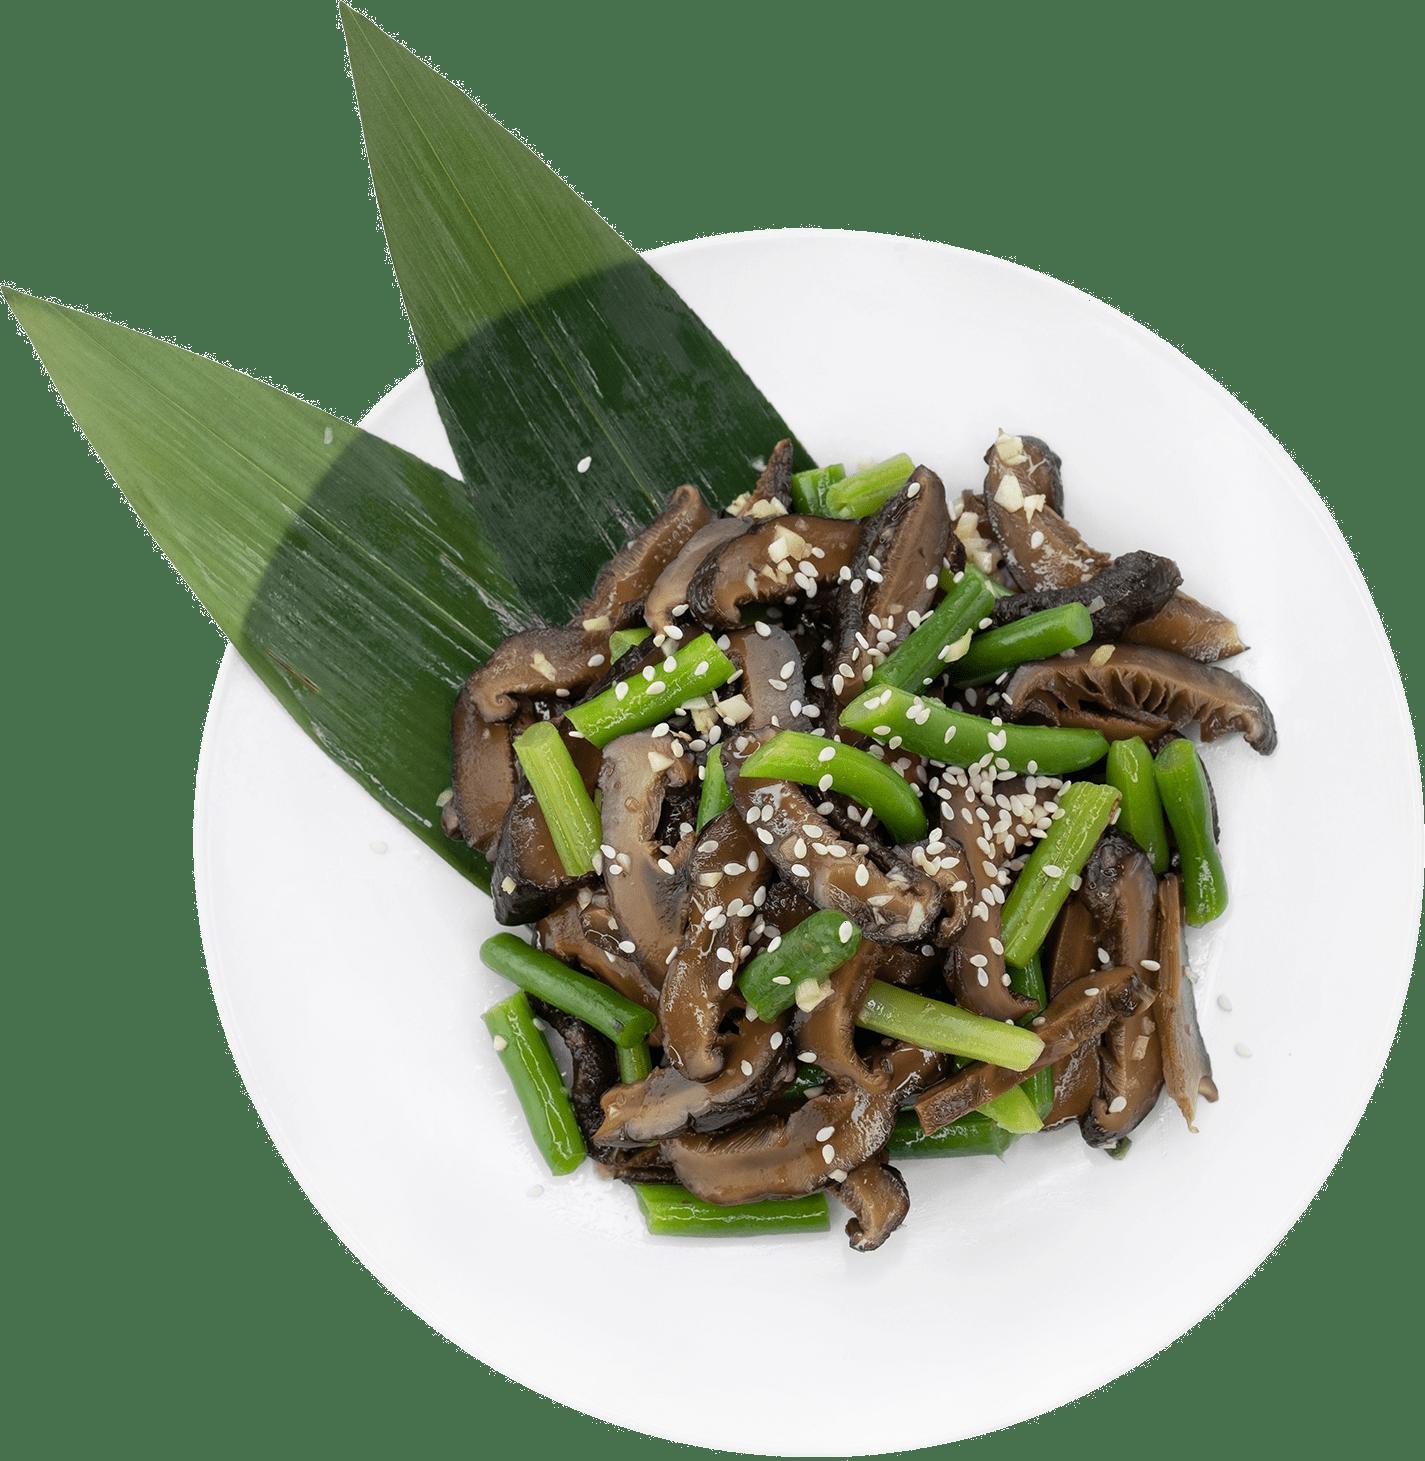 Рецепт салата с шиитаке и спаржей